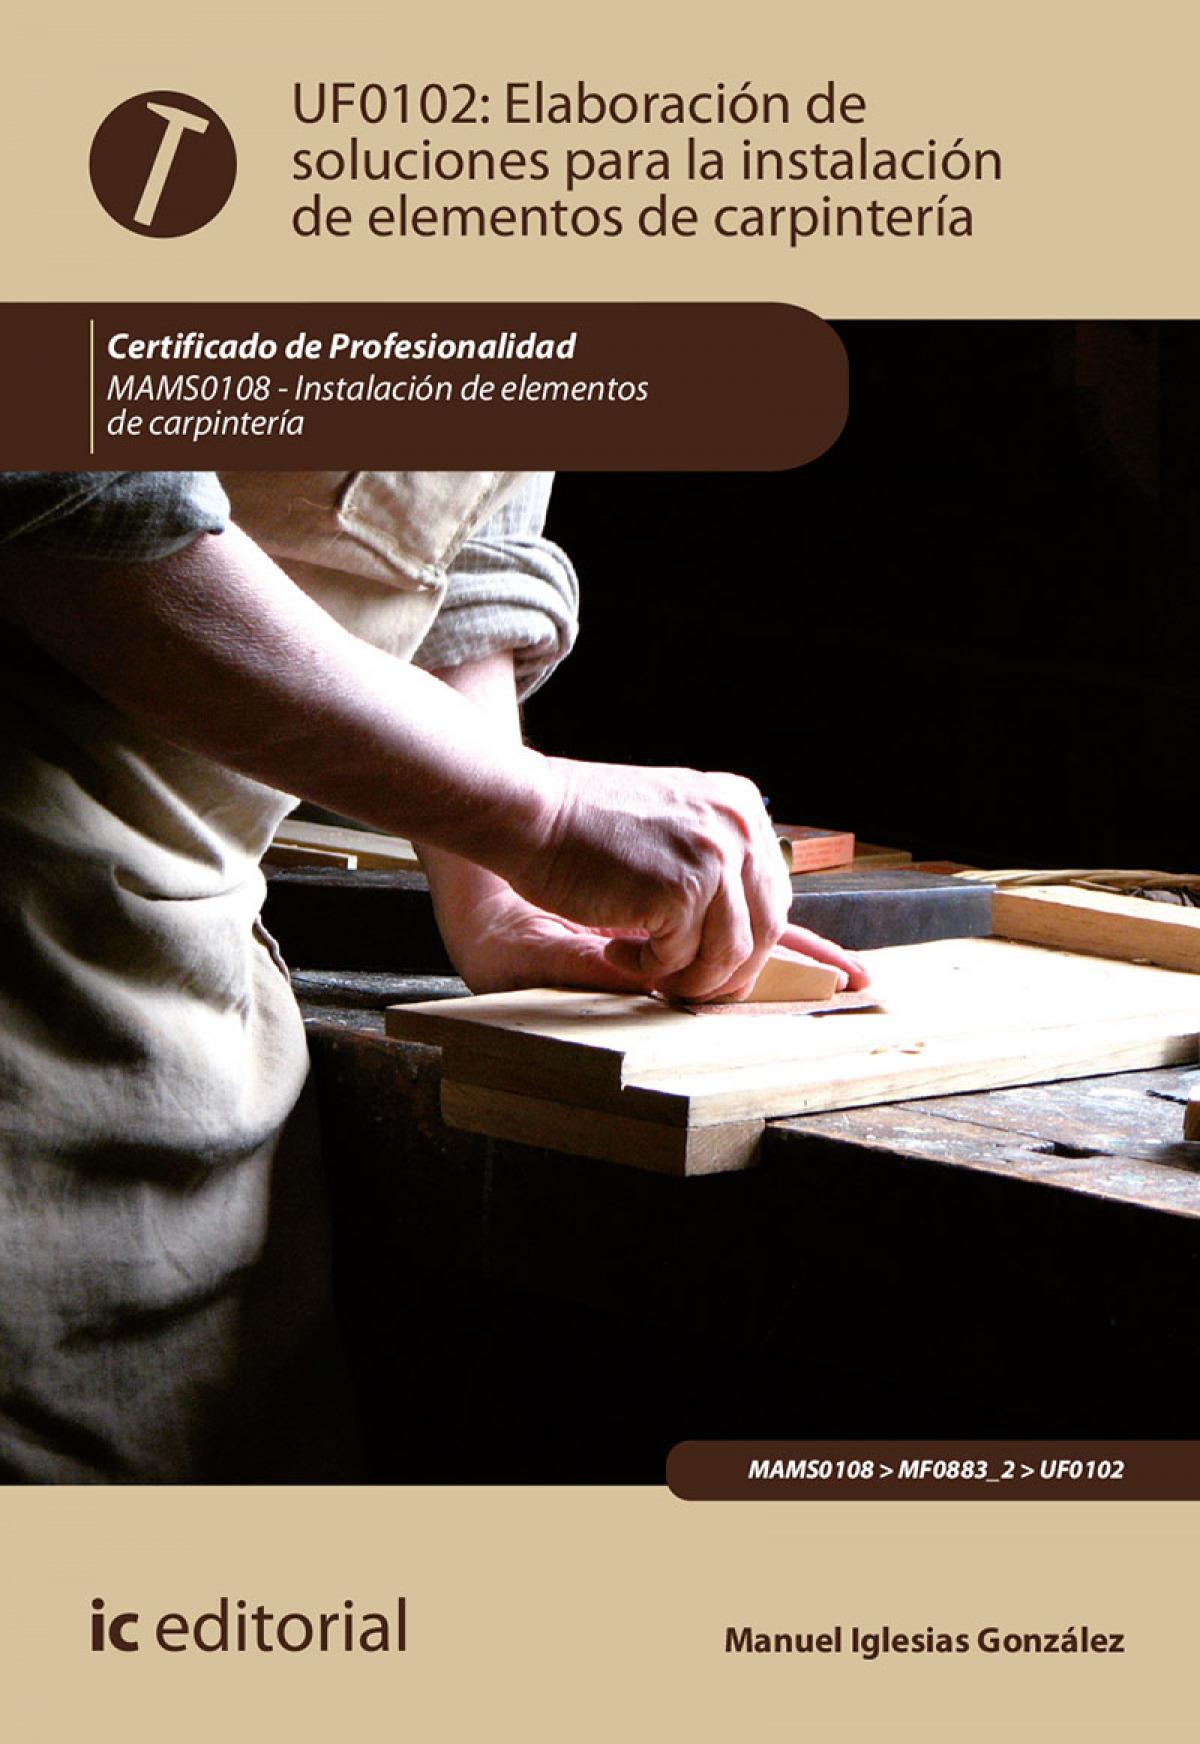 Elaboración de soluciones para la instalación de elementos de carpintería. MAMS0108 - Instalación de elementos de carpintería